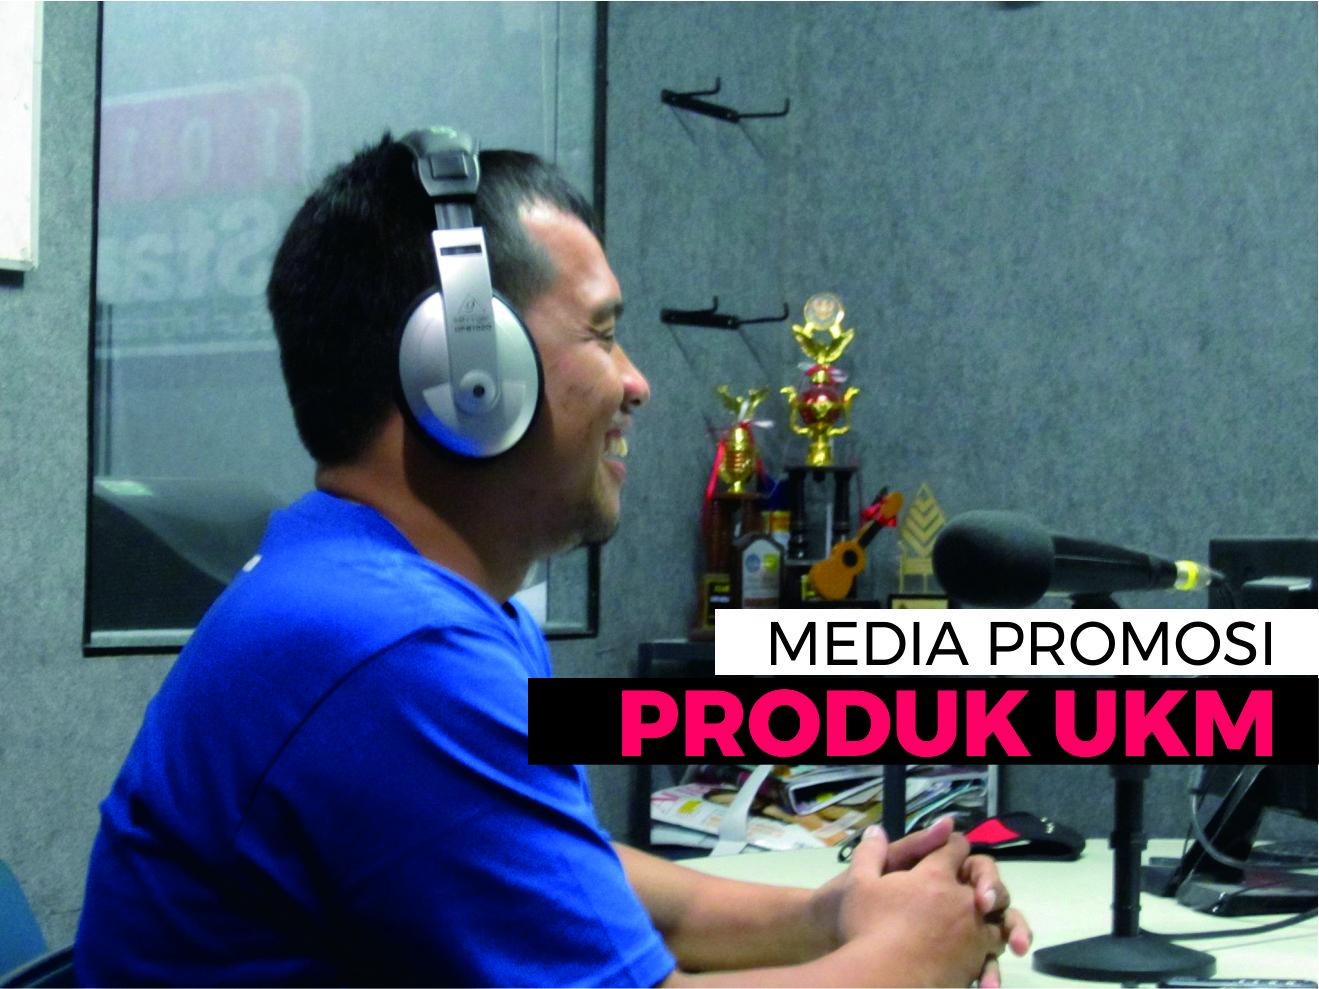 Media Promosi Produk UKM